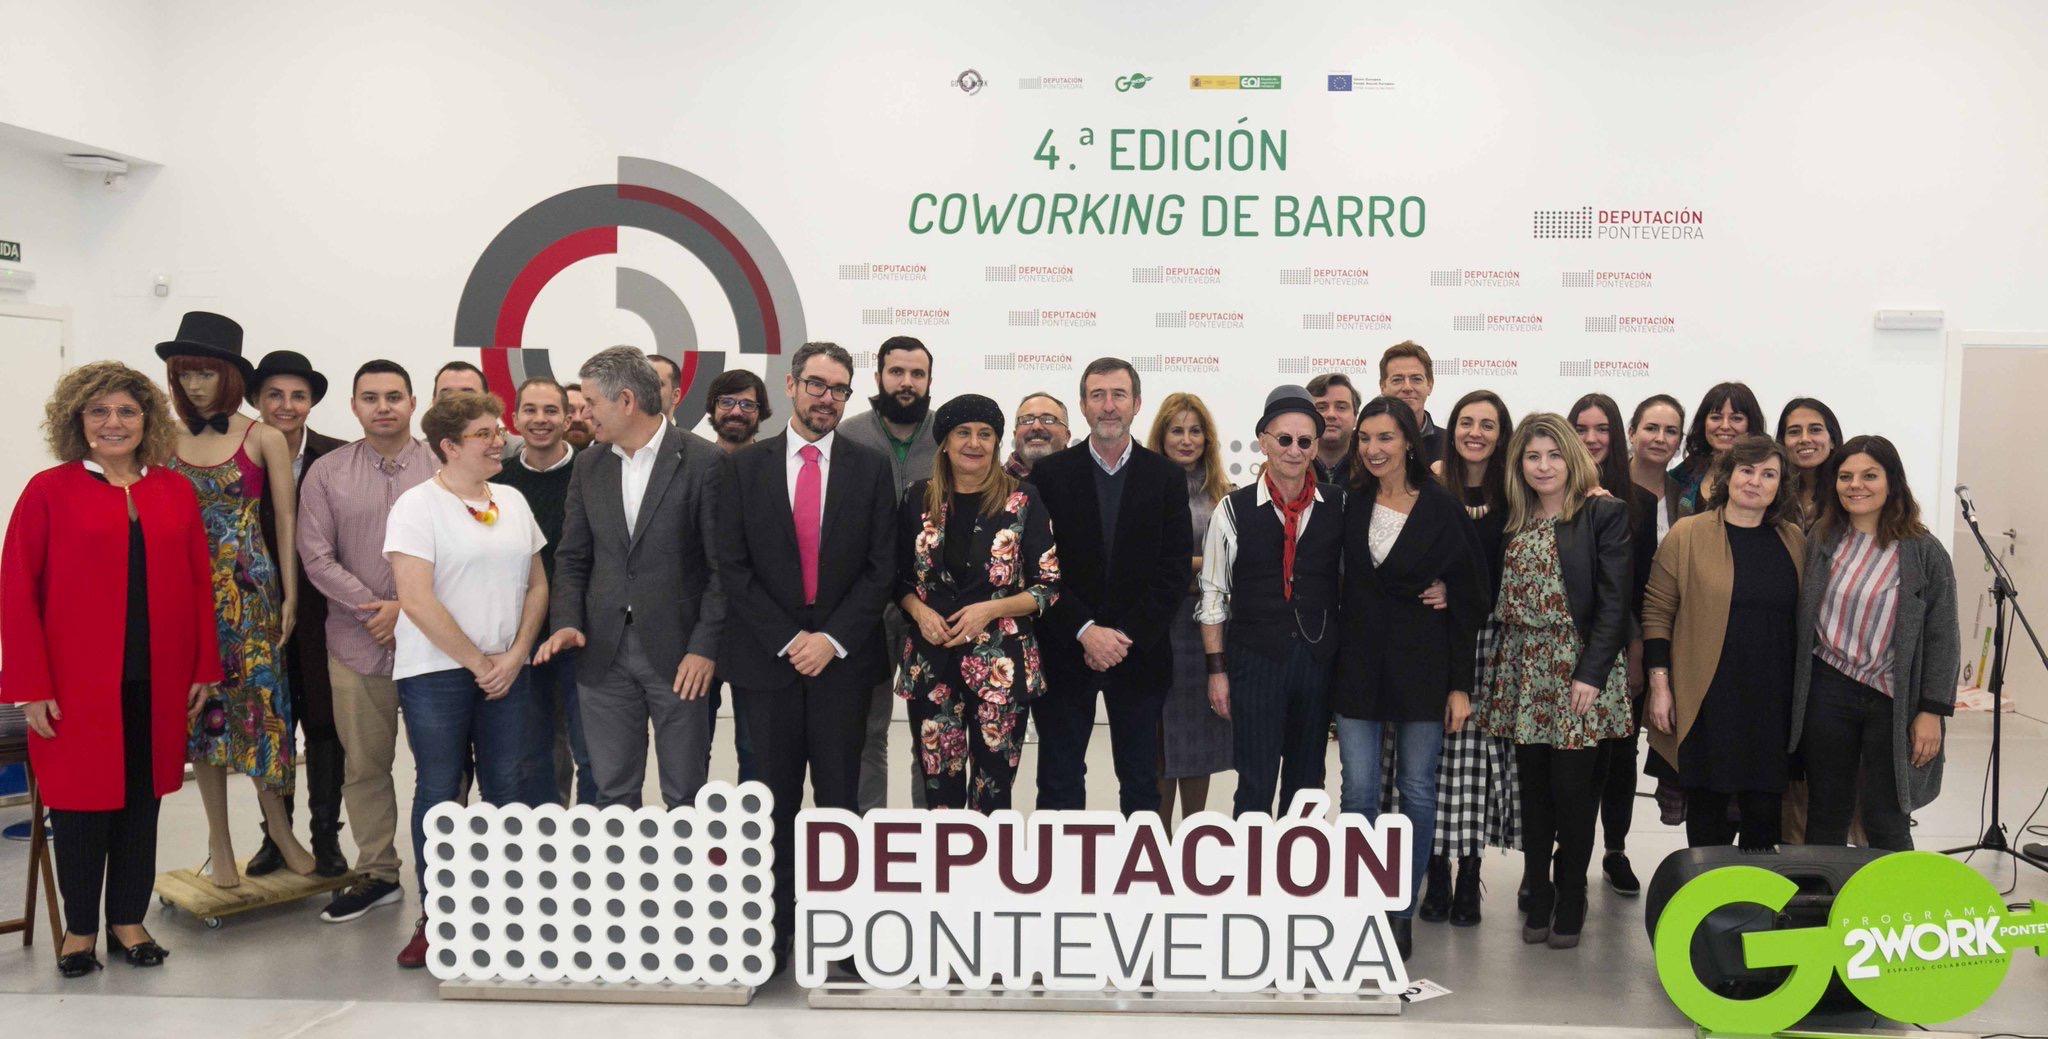 Clausura Demo Day De La 4ª Edición Del Coworking Barro – Meis De La EOI – Deputación De Pontevedra